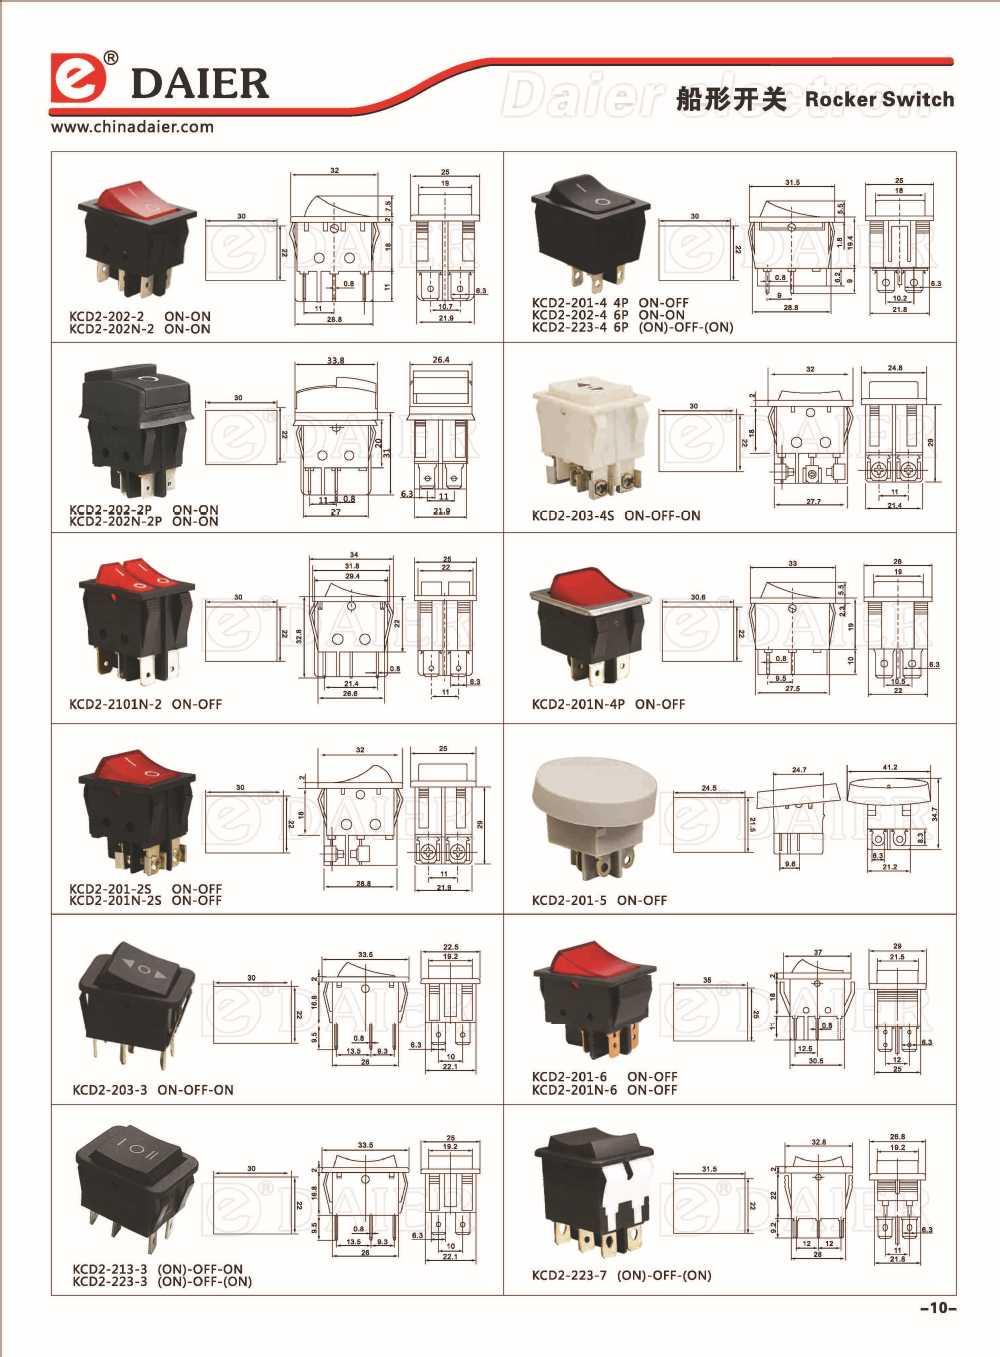 3 pin led rocker switch wiring diagram 2005 nissan xterra engine waterproof - buy switch,waterproof ...